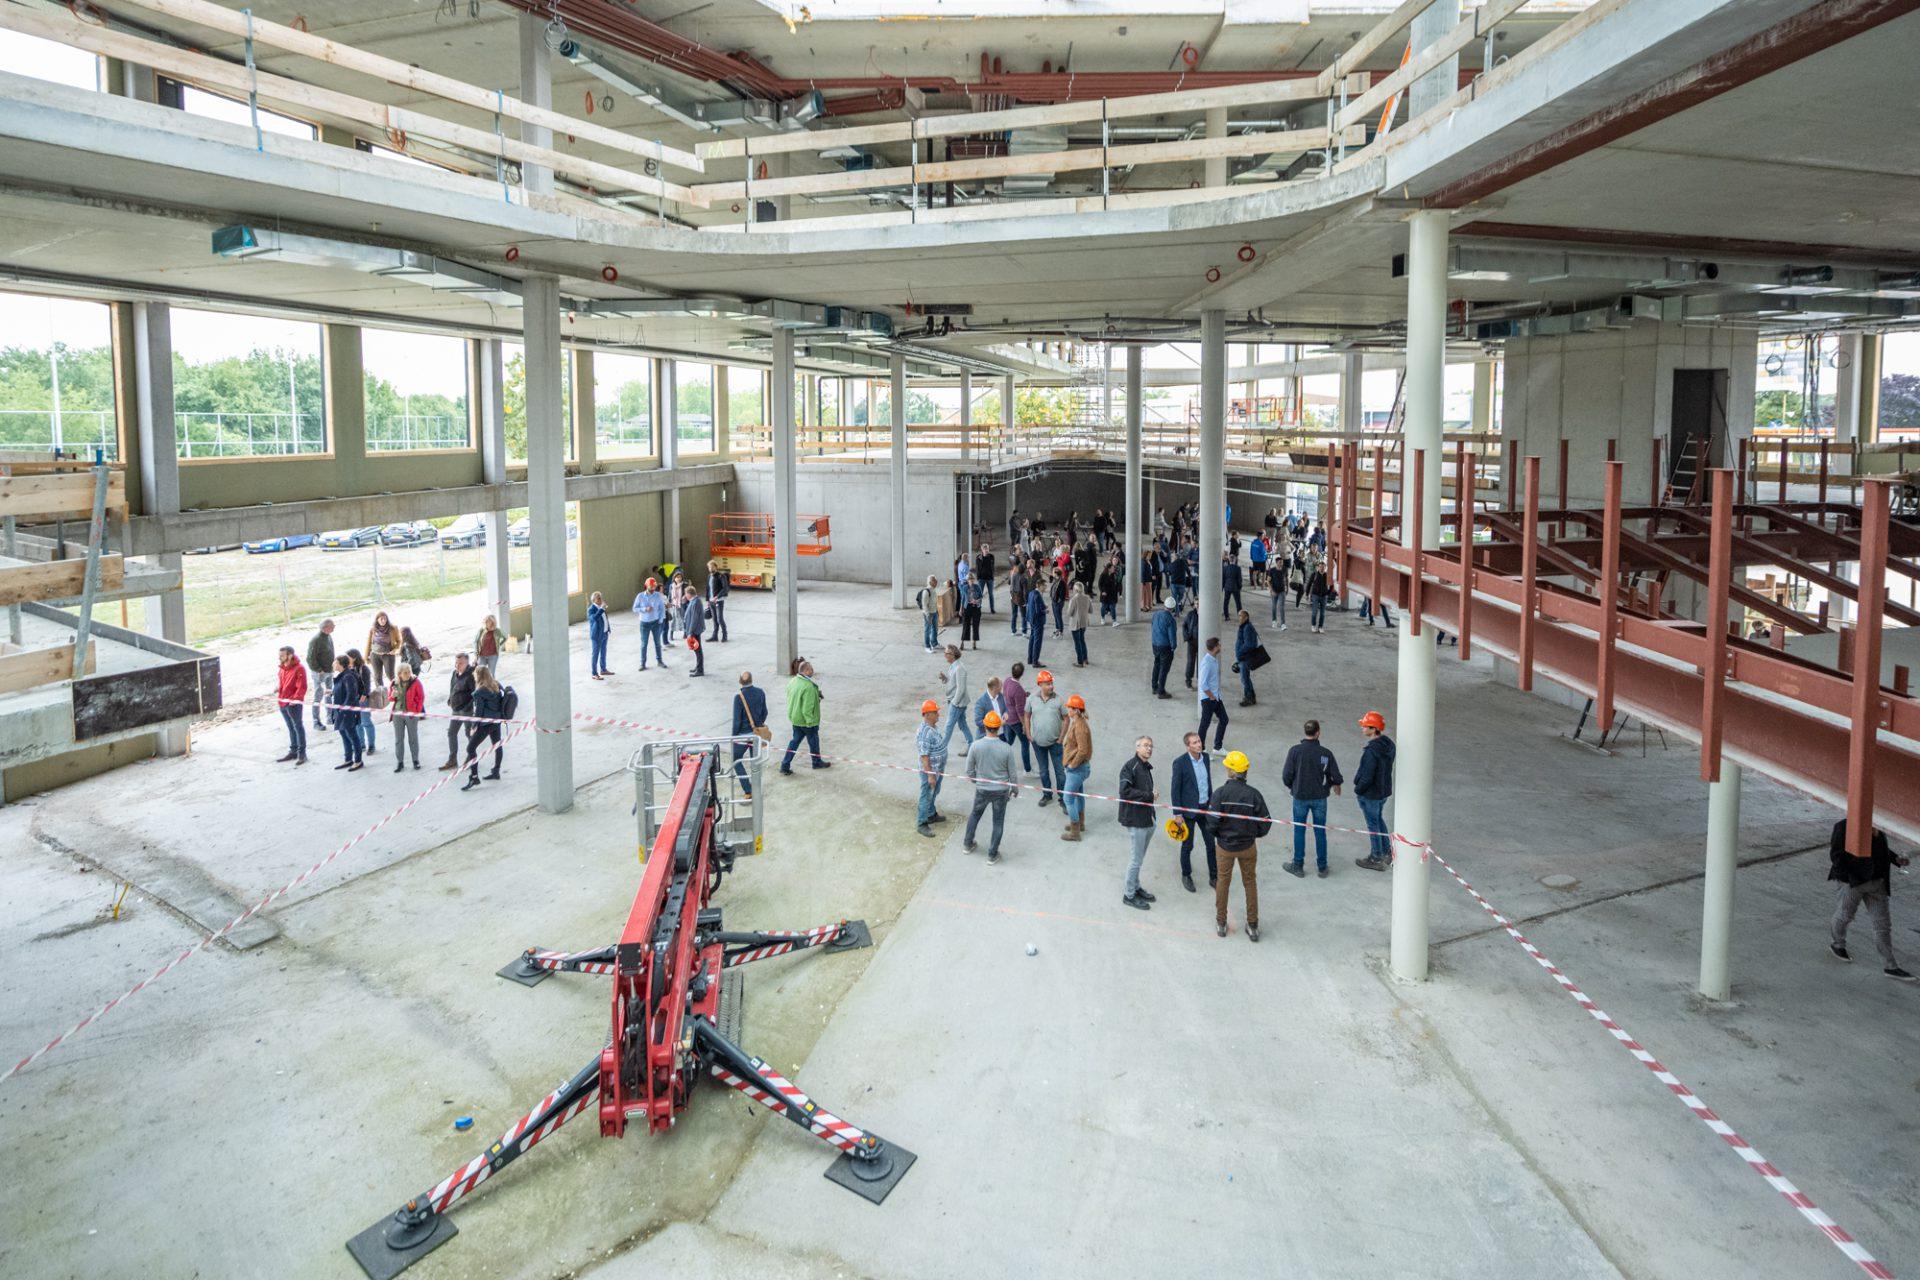 School in aanbouw binnenzijde